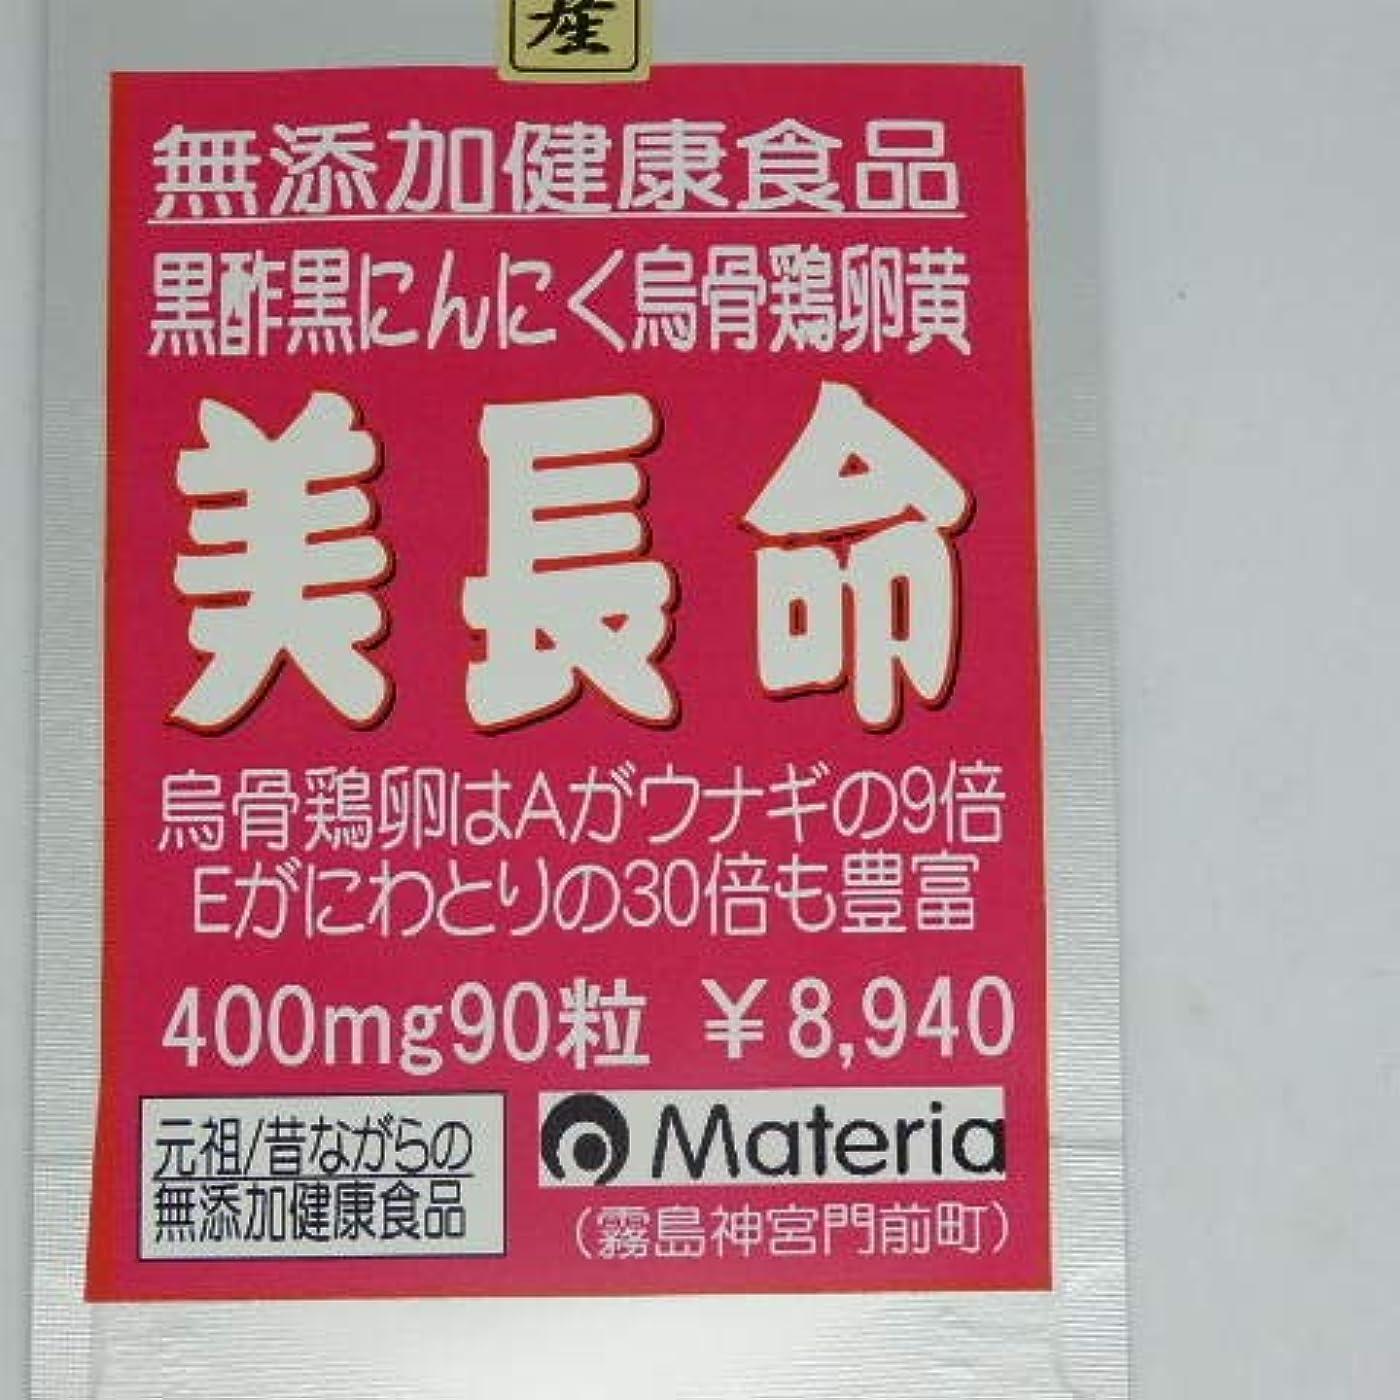 かかわらず輸血程度無添加健康食品/黒酢黒にんにく烏骨鶏卵黄/美長命(90粒)90日分¥11,700